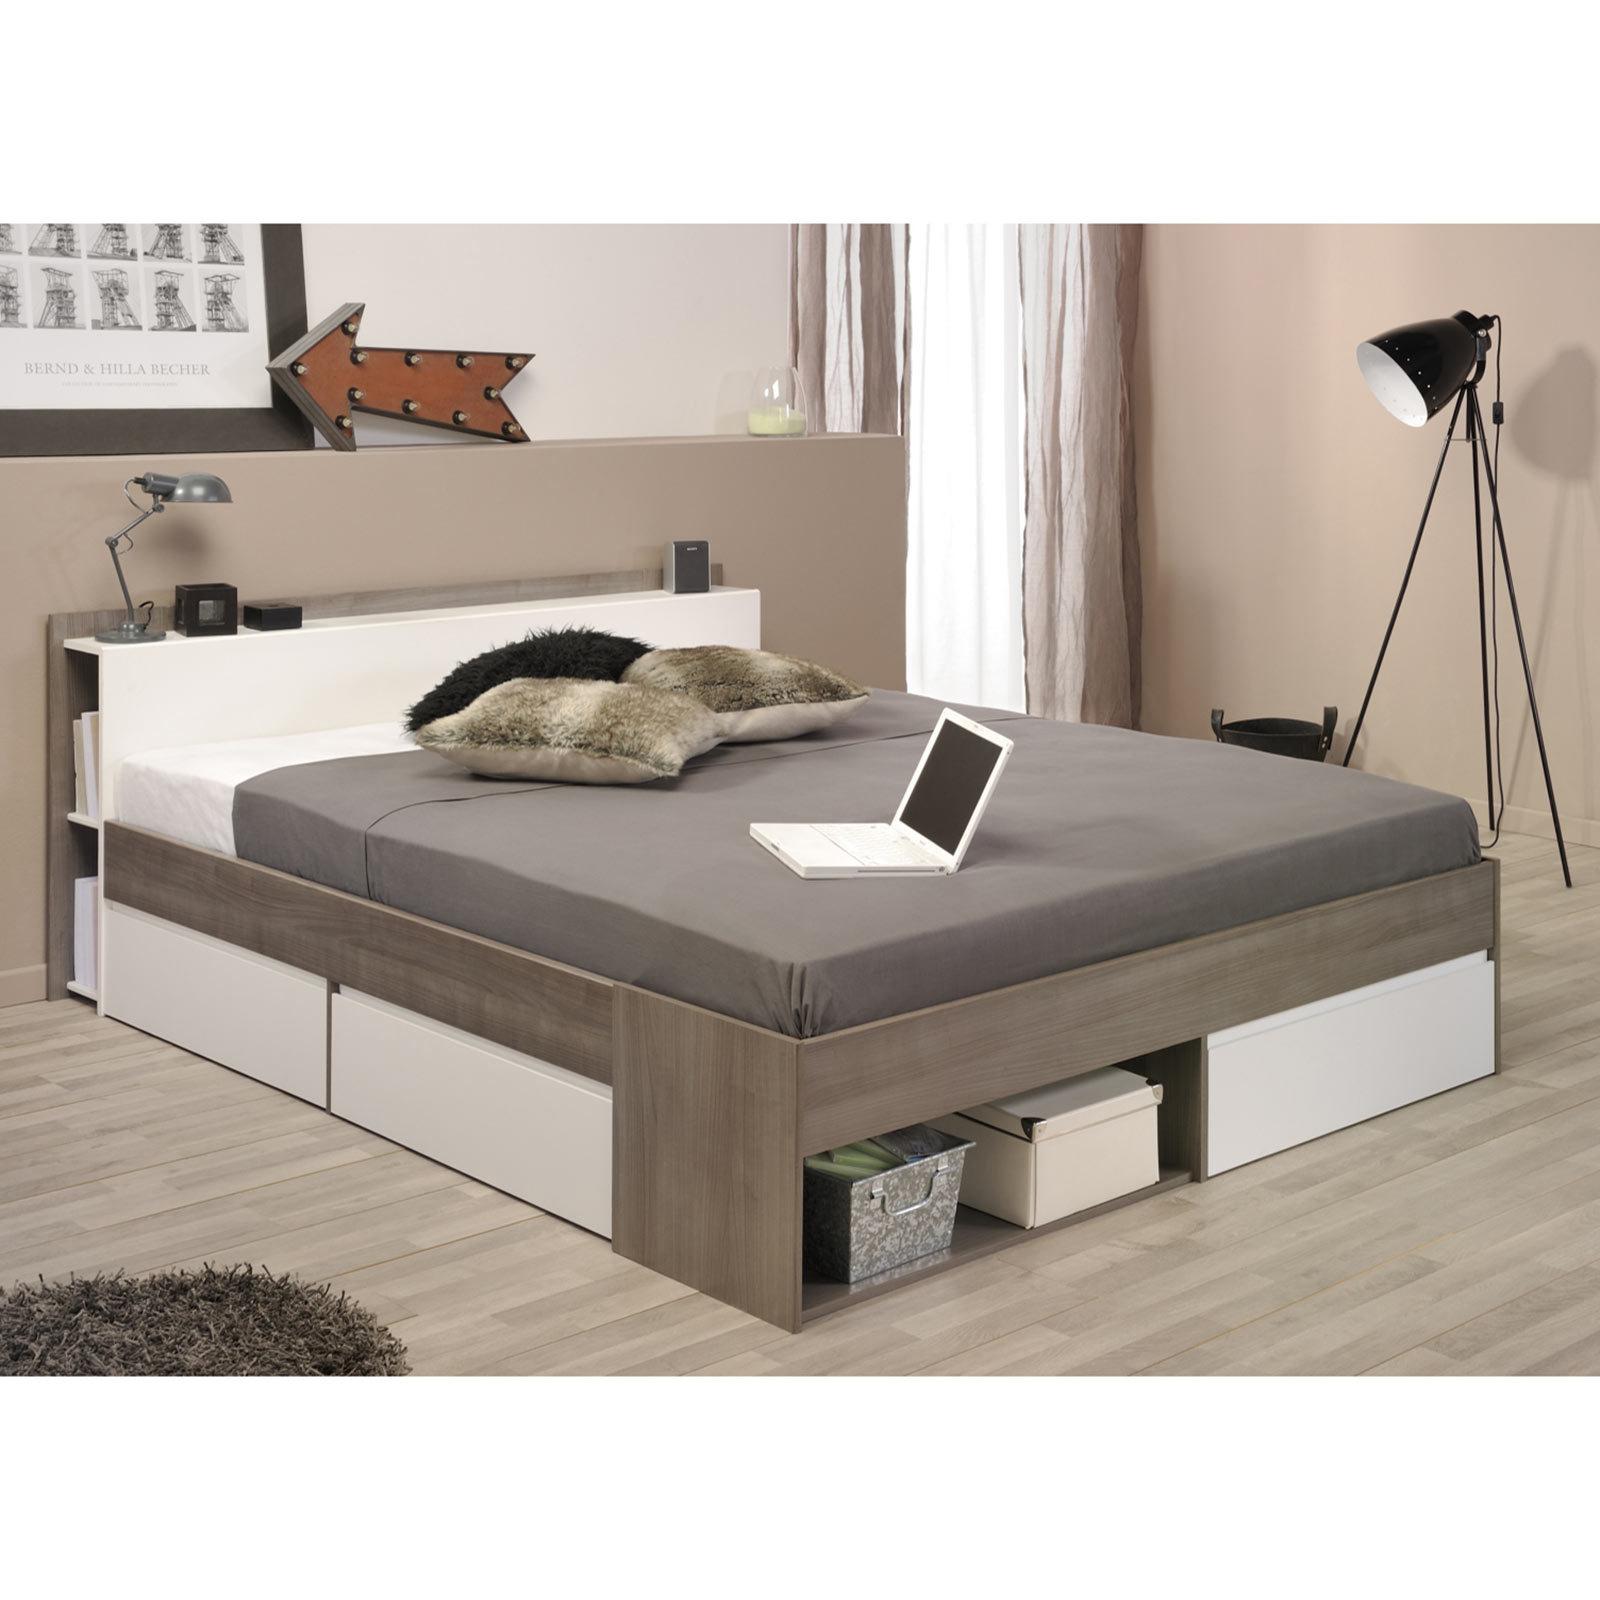 Full Size of Betten 160x200 Bett Most 2 Eiche Silber Wei Cm Online Bei Roller Aus Holz Ikea Außergewöhnliche Coole Stauraum Flexa Günstig Kaufen 180x200 Treca Bett Betten 160x200